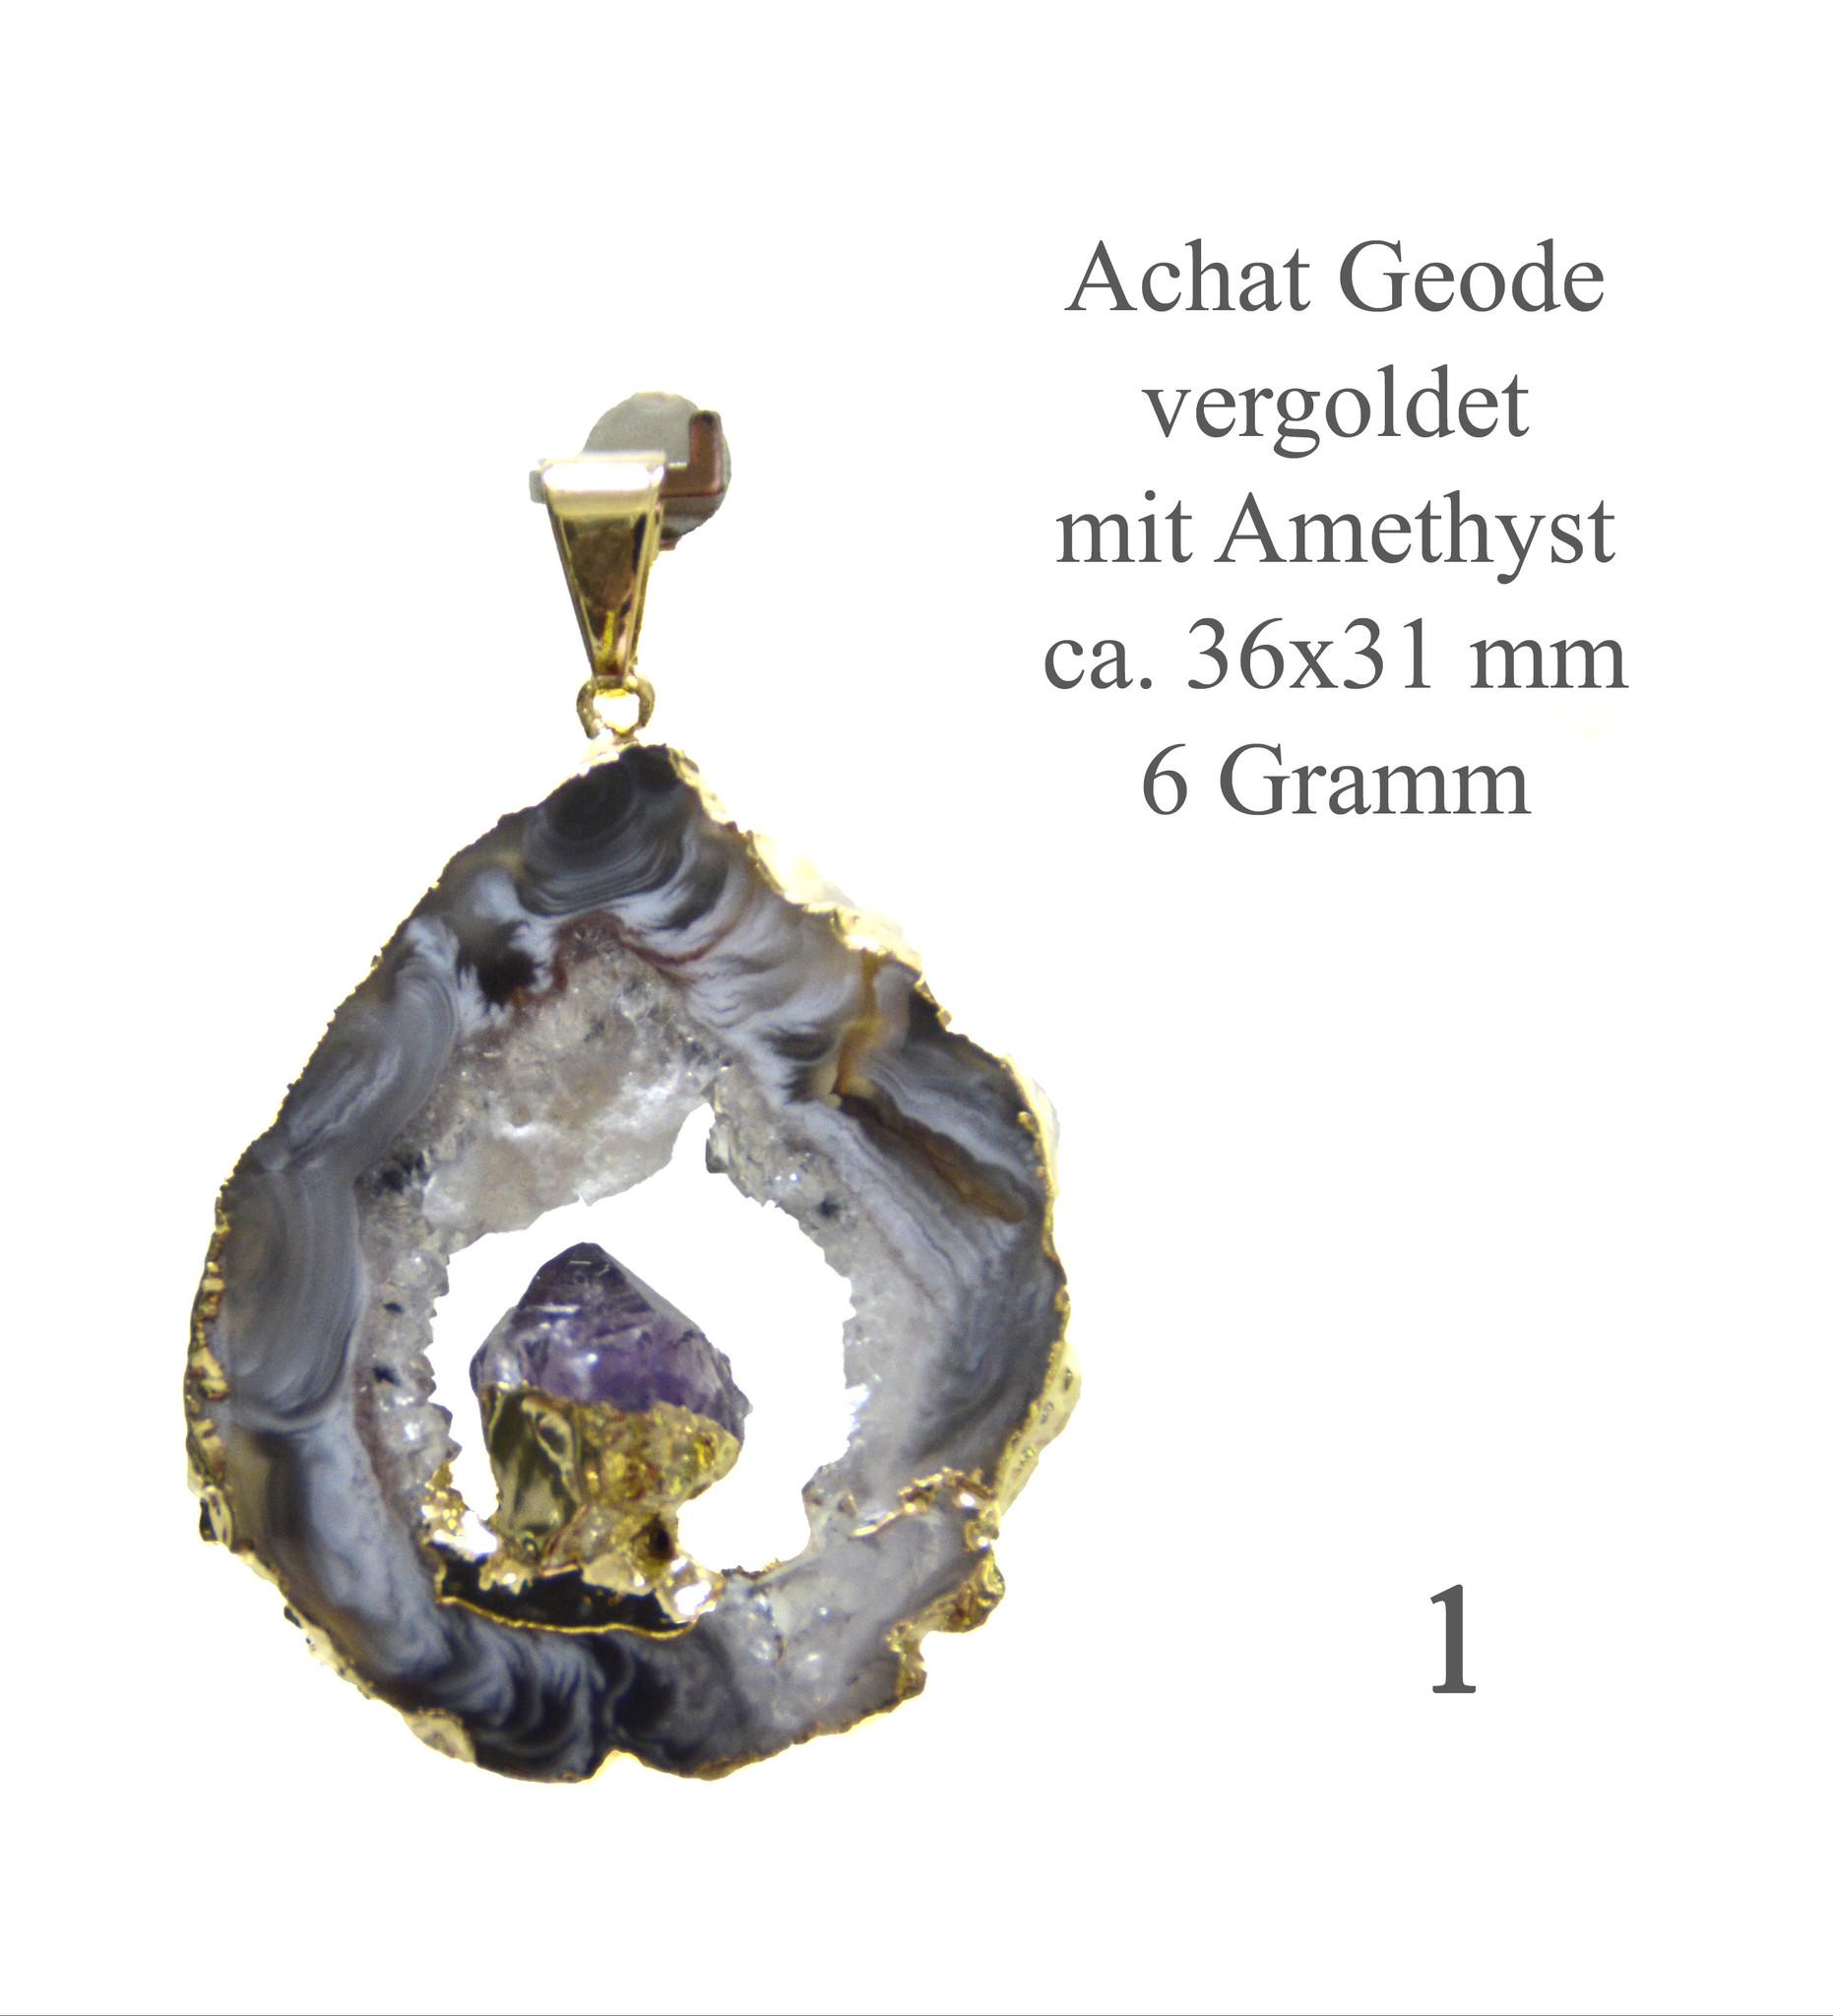 Achat Geode vergoldet mit Amethyst